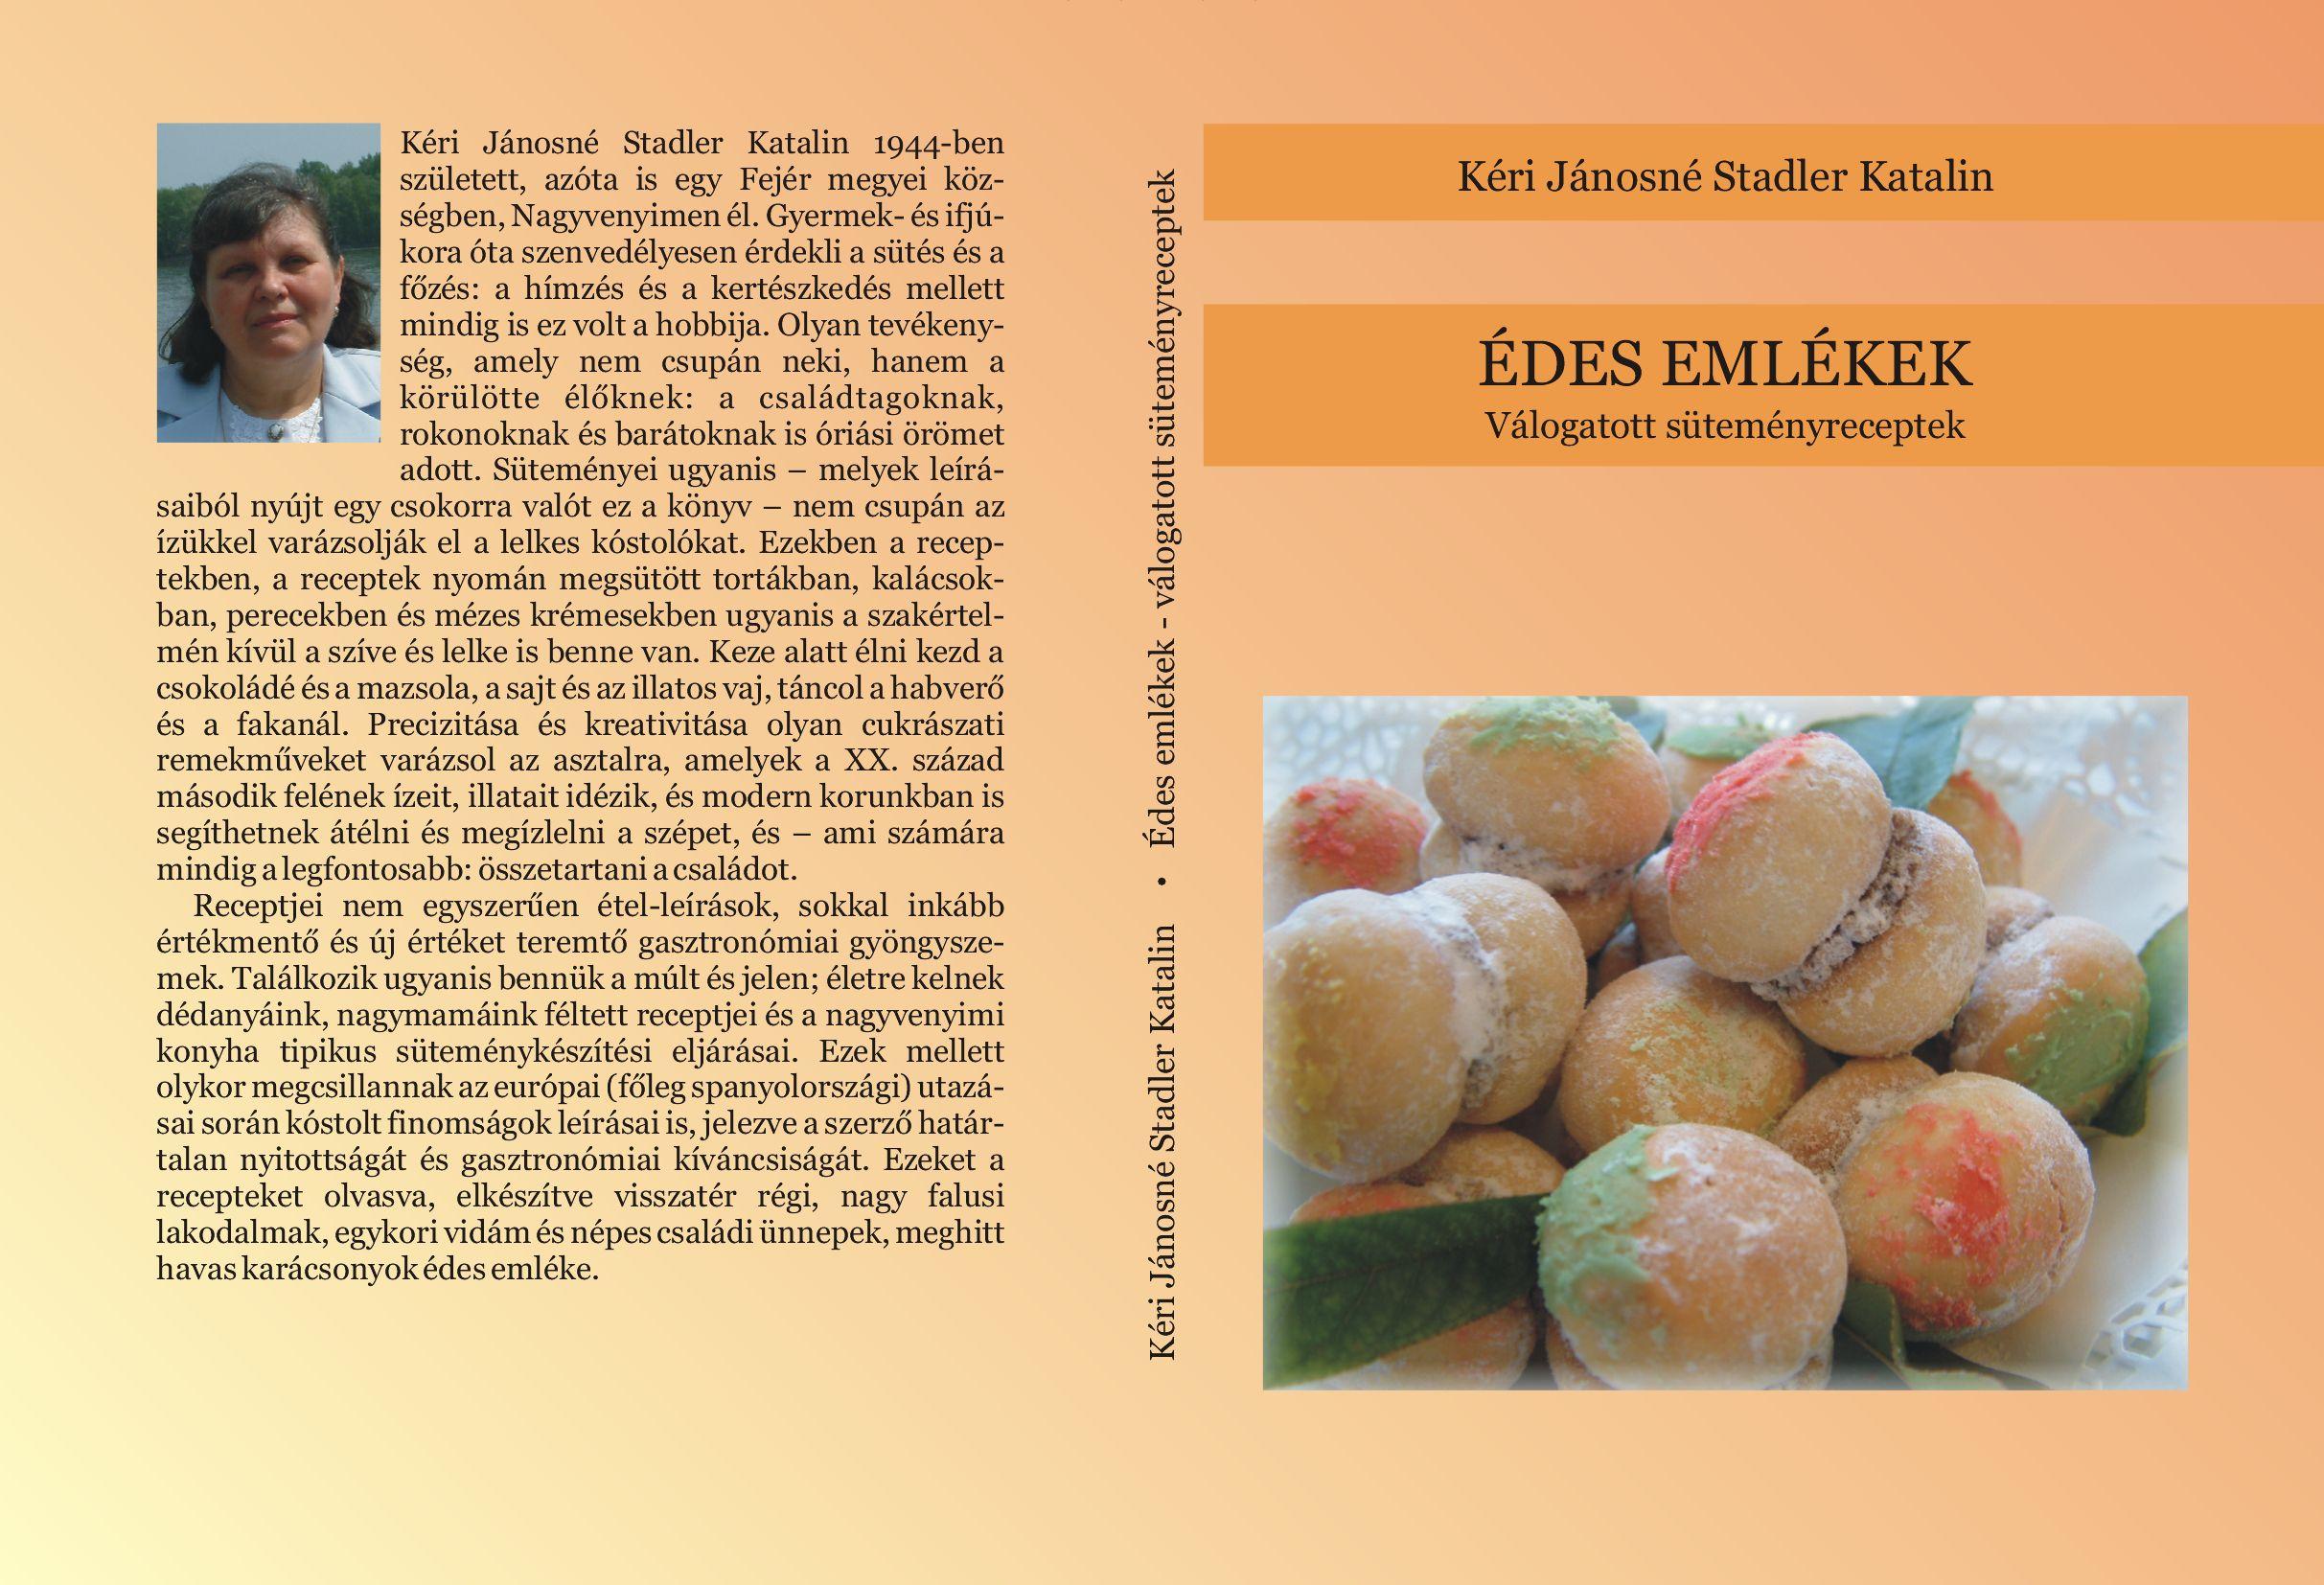 Kéri Jánosné Stadler Katalin: Édes emlékek - Válogatott süteményreceptek. Virágmandula Kft., Pécs, 2015. - Karton, A/5, 203 o. - ISBN 978-615-5497-62-9 -- Borító